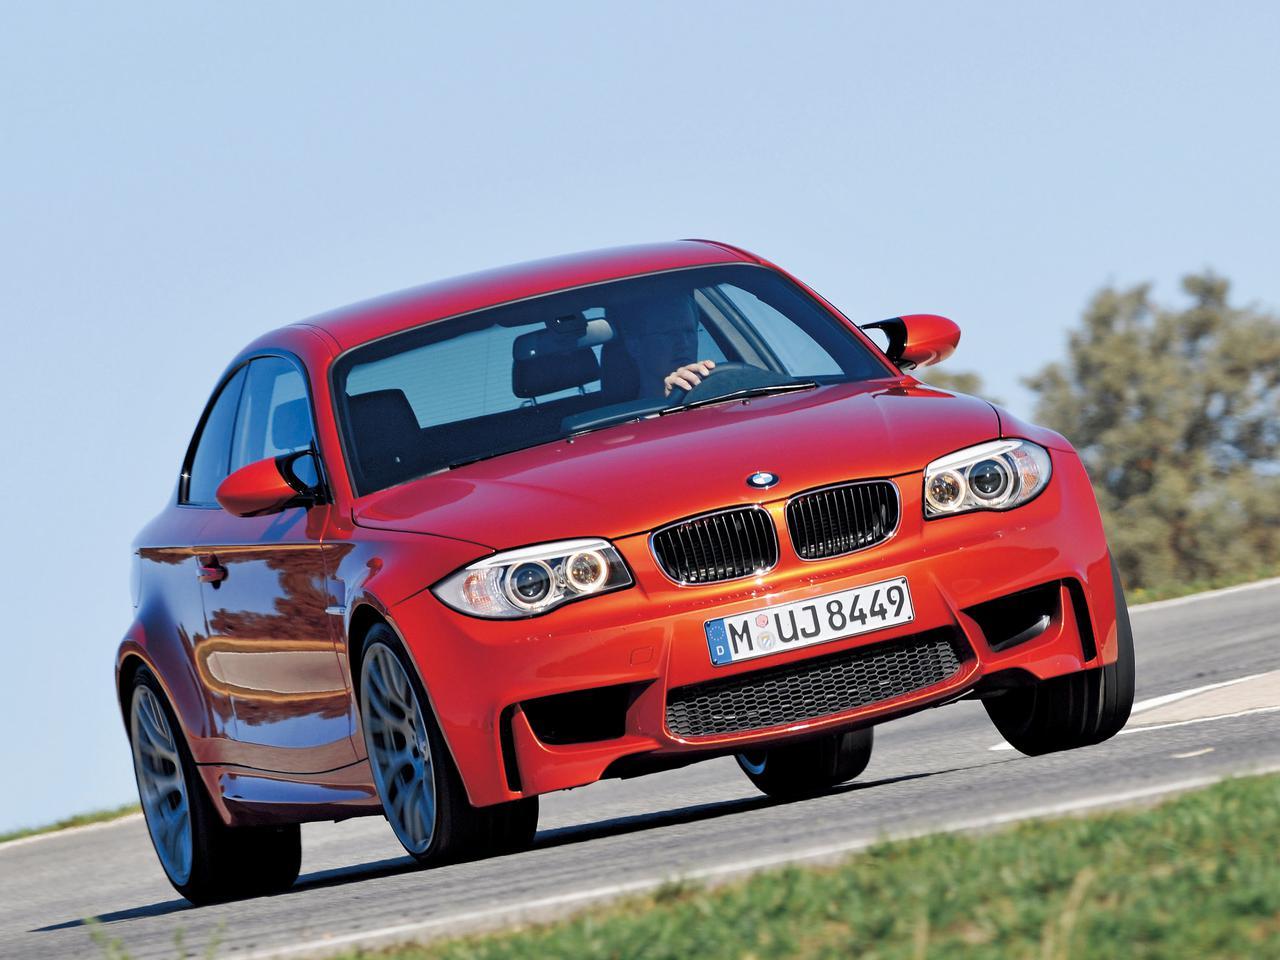 【BMW Mの系譜(13)】1シリーズMクーペは生粋のMモデルファンが待ち望んでいたものだった